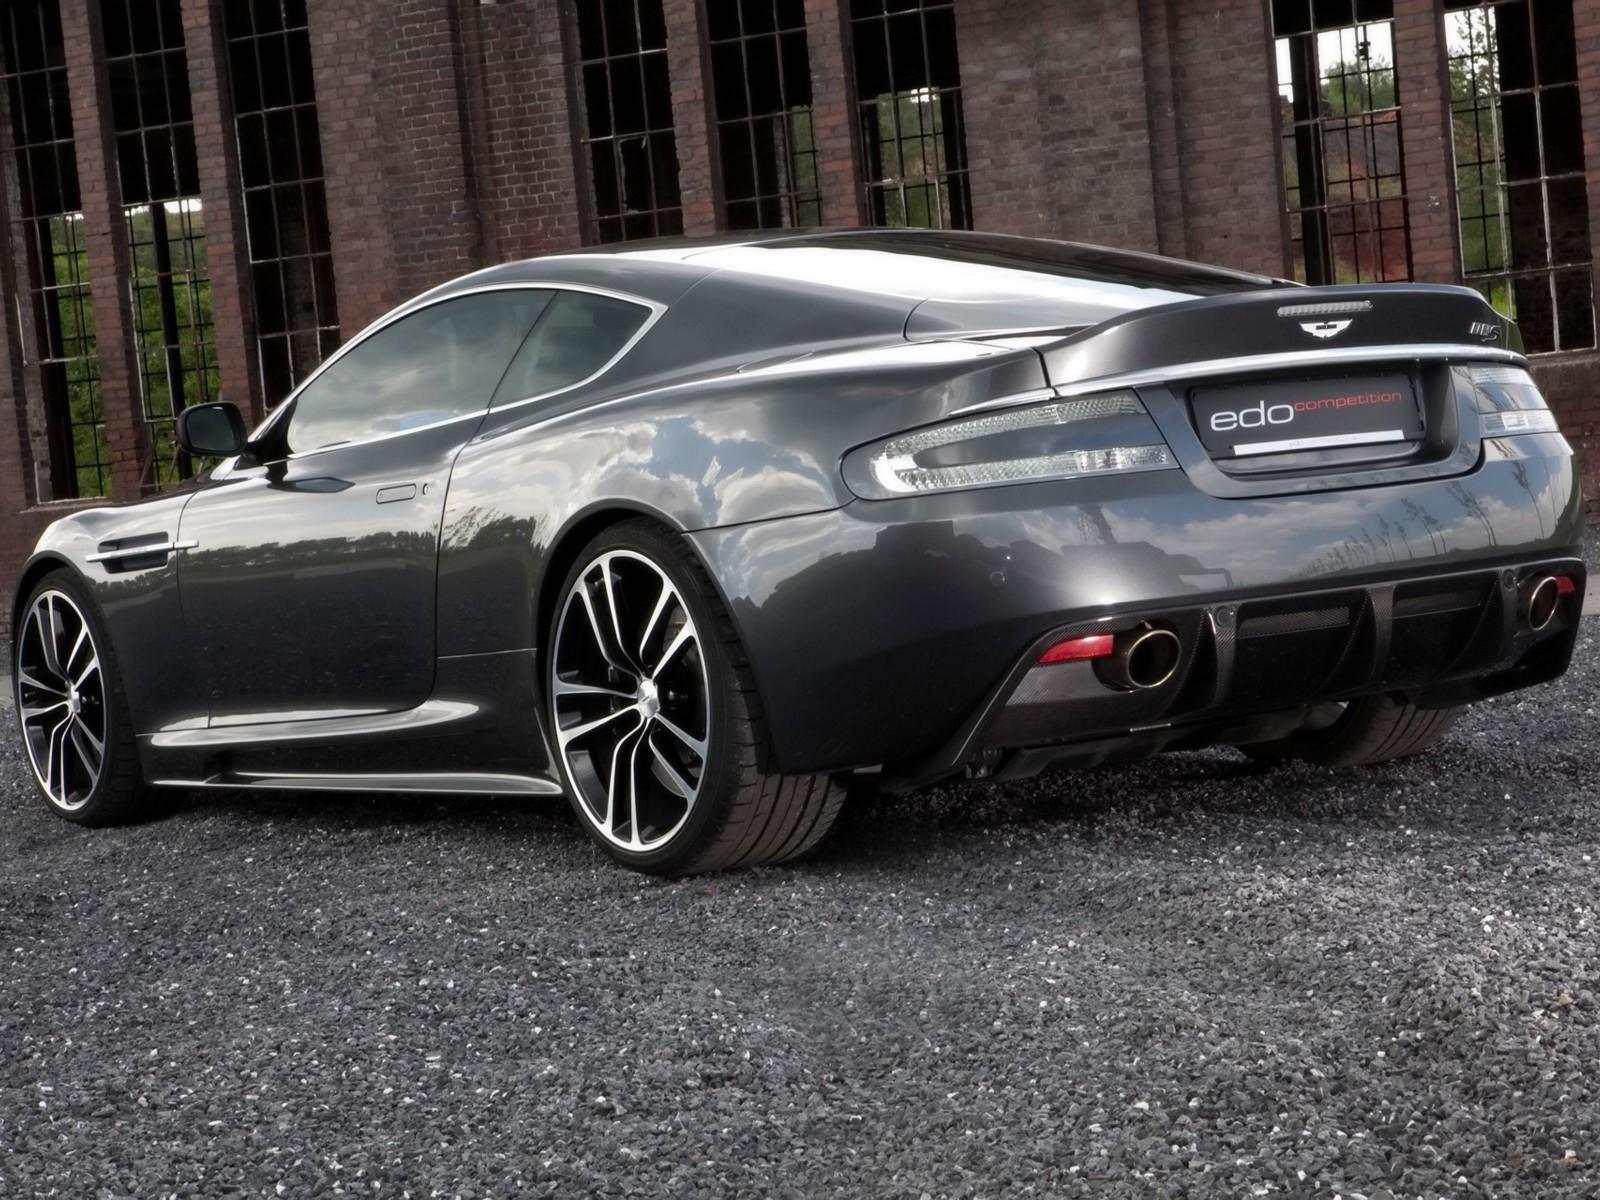 hintergrundbilder : schwarz, auto, gebäude, fahrzeug, seitenansicht